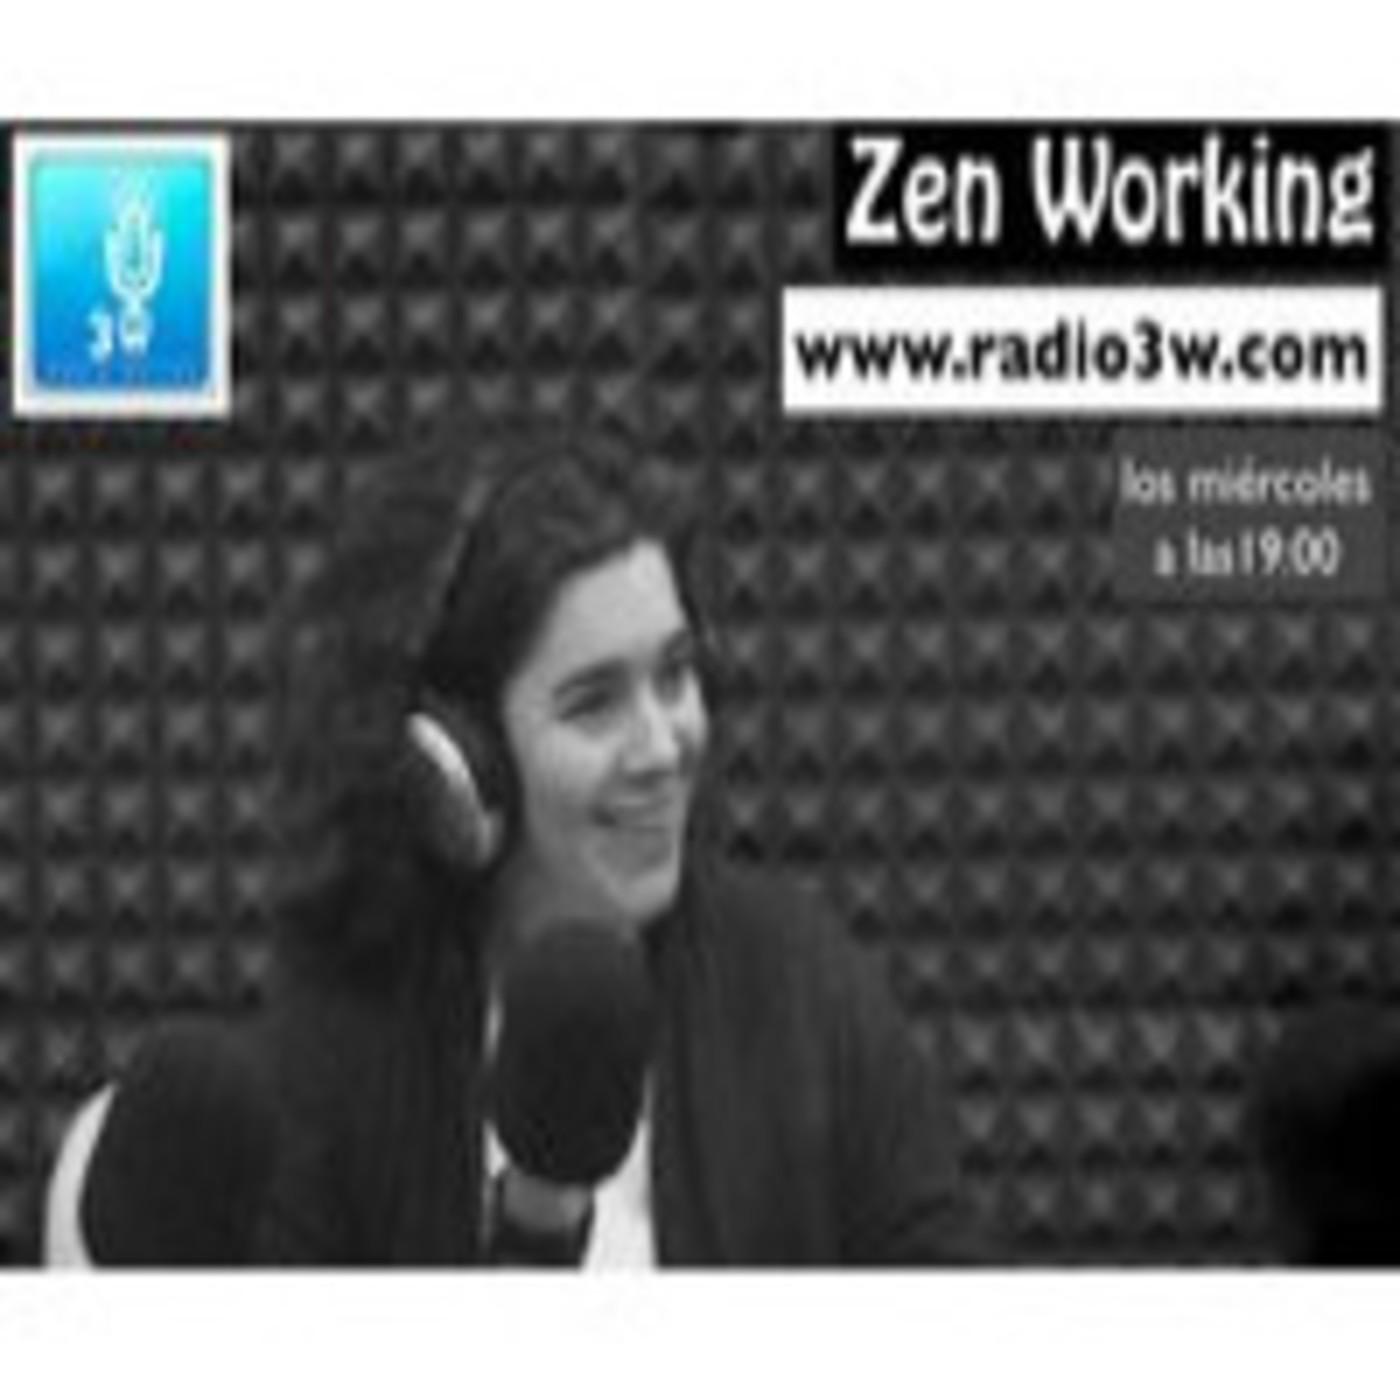 Cómo educar a los niños en la Autoestima y la Asertividad en Zen Working en  mp3(12/06 a las 00:18:42) 01:09:08 3213055 - iVoox